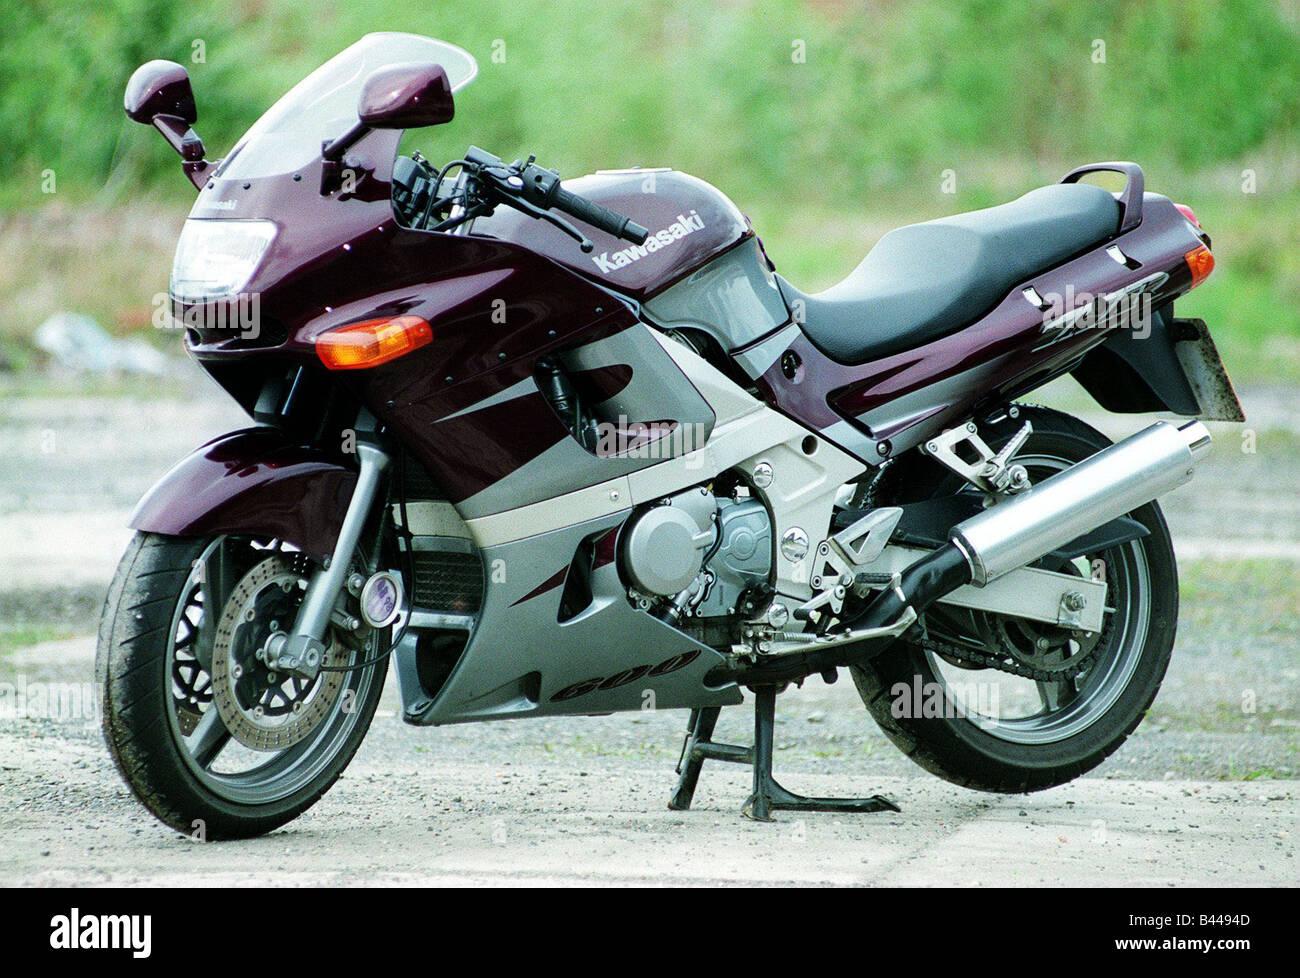 Kawasaki 600 ZZR Motorrad Strasse Rekord Juni 1998 Autofahren Erganzen Lila Und Silber Stockbild